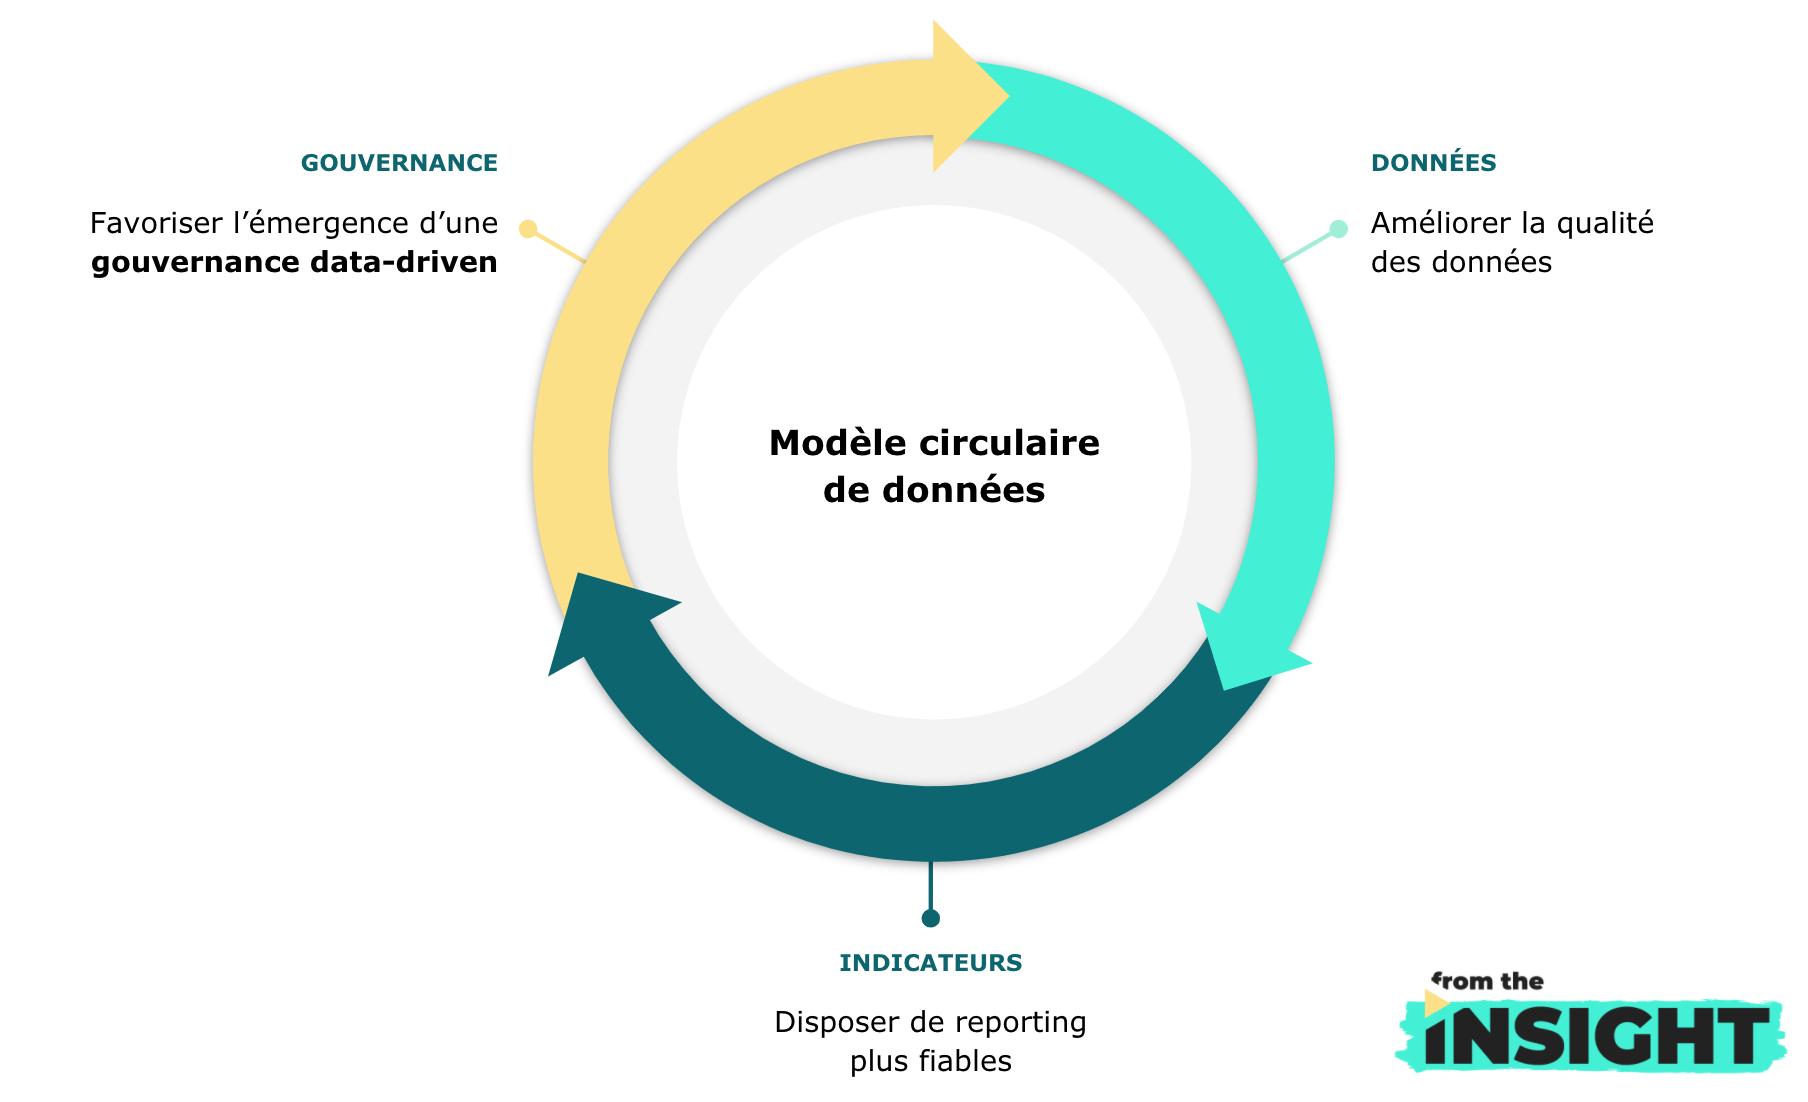 Schéma : Modèle circulaire de données